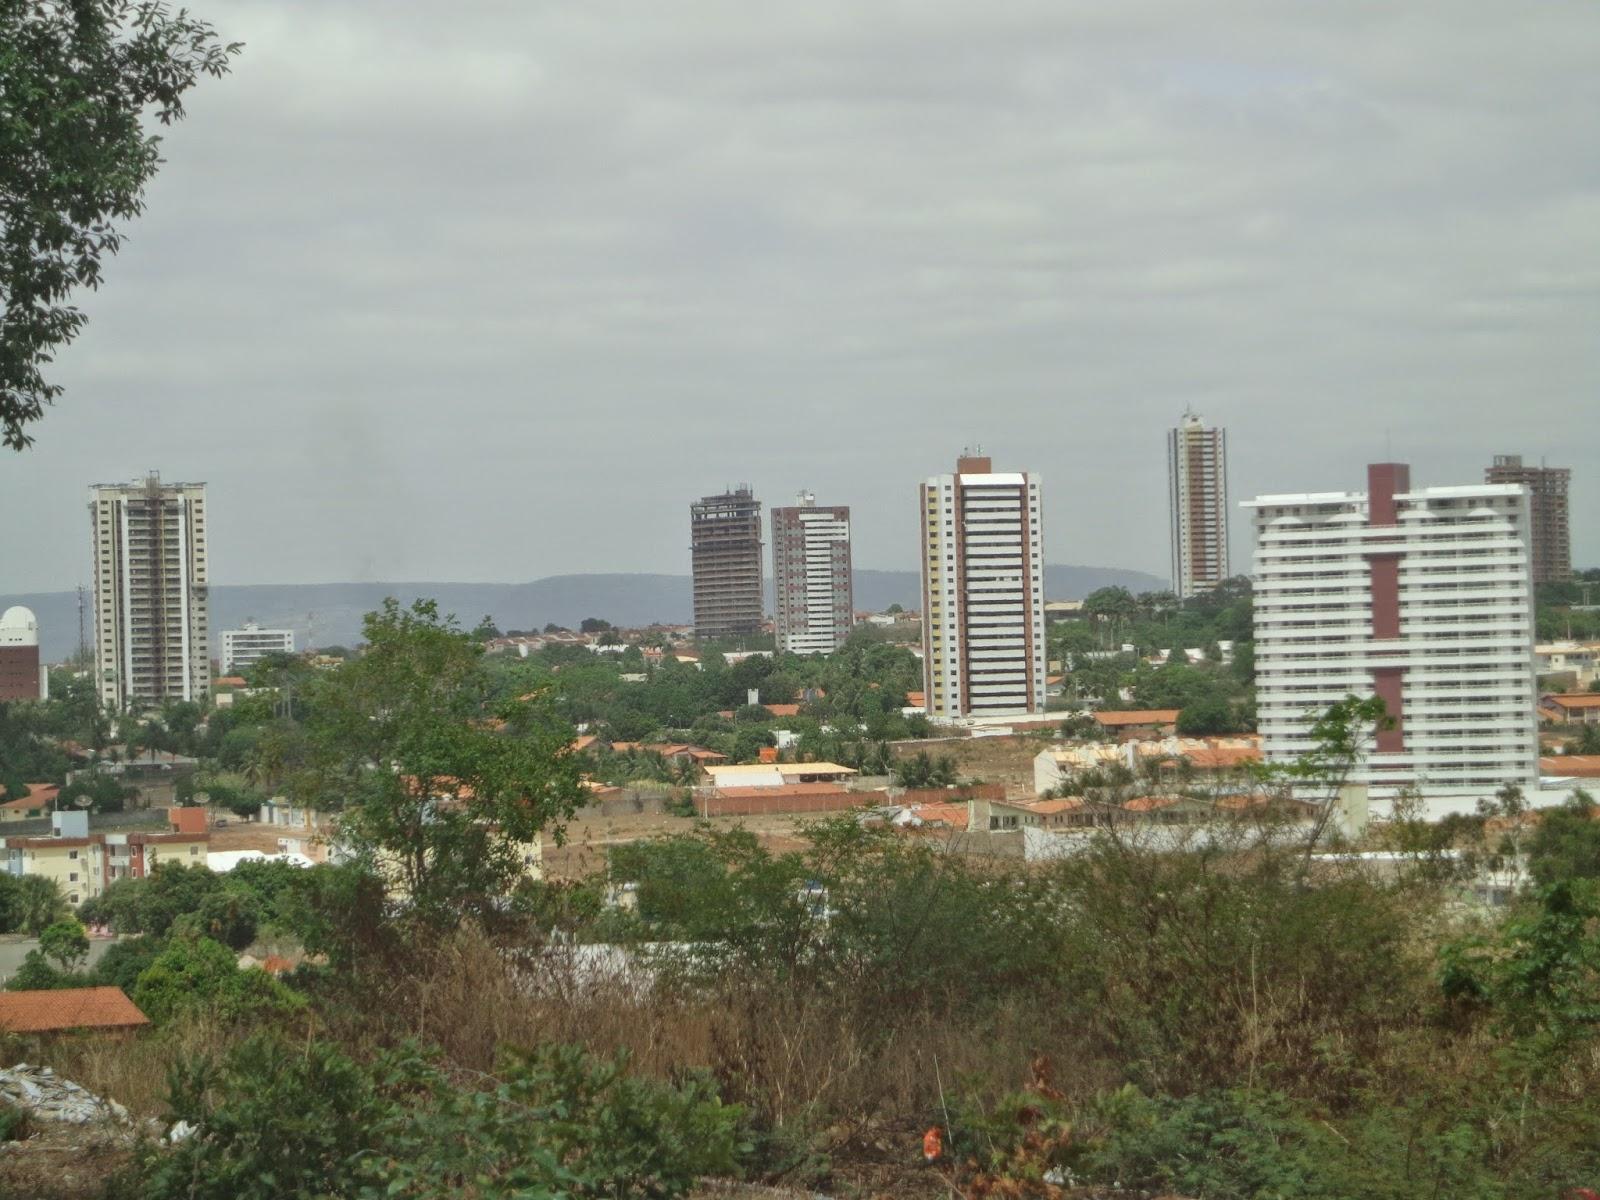 Vista panorâmica da Lagoa Seca em Juazeiro do Norte.